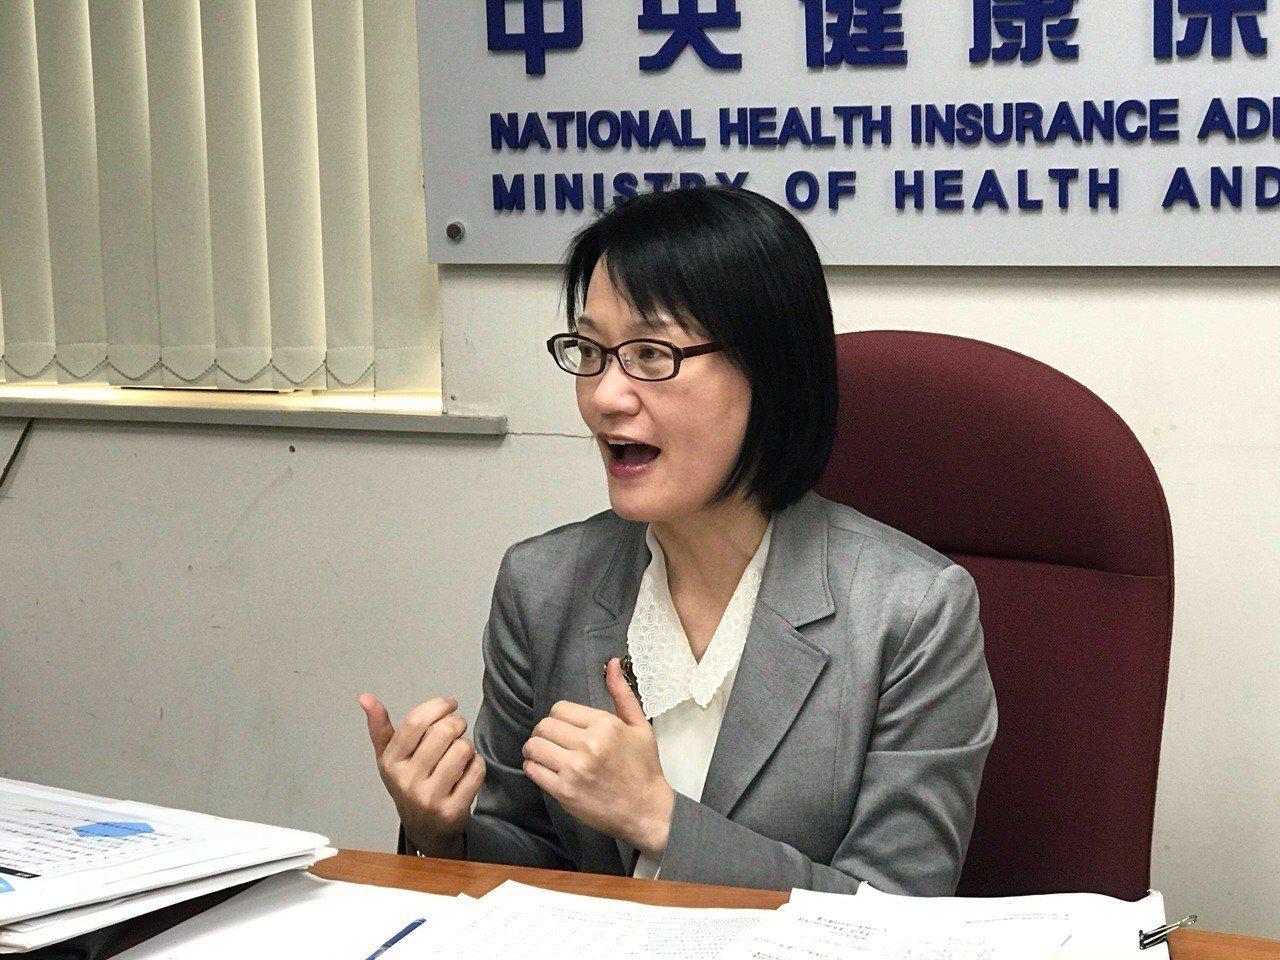 健保署上午公布醫院最新財報,林口長庚蟬聯最會賺錢的醫院。記者李樹人/攝影